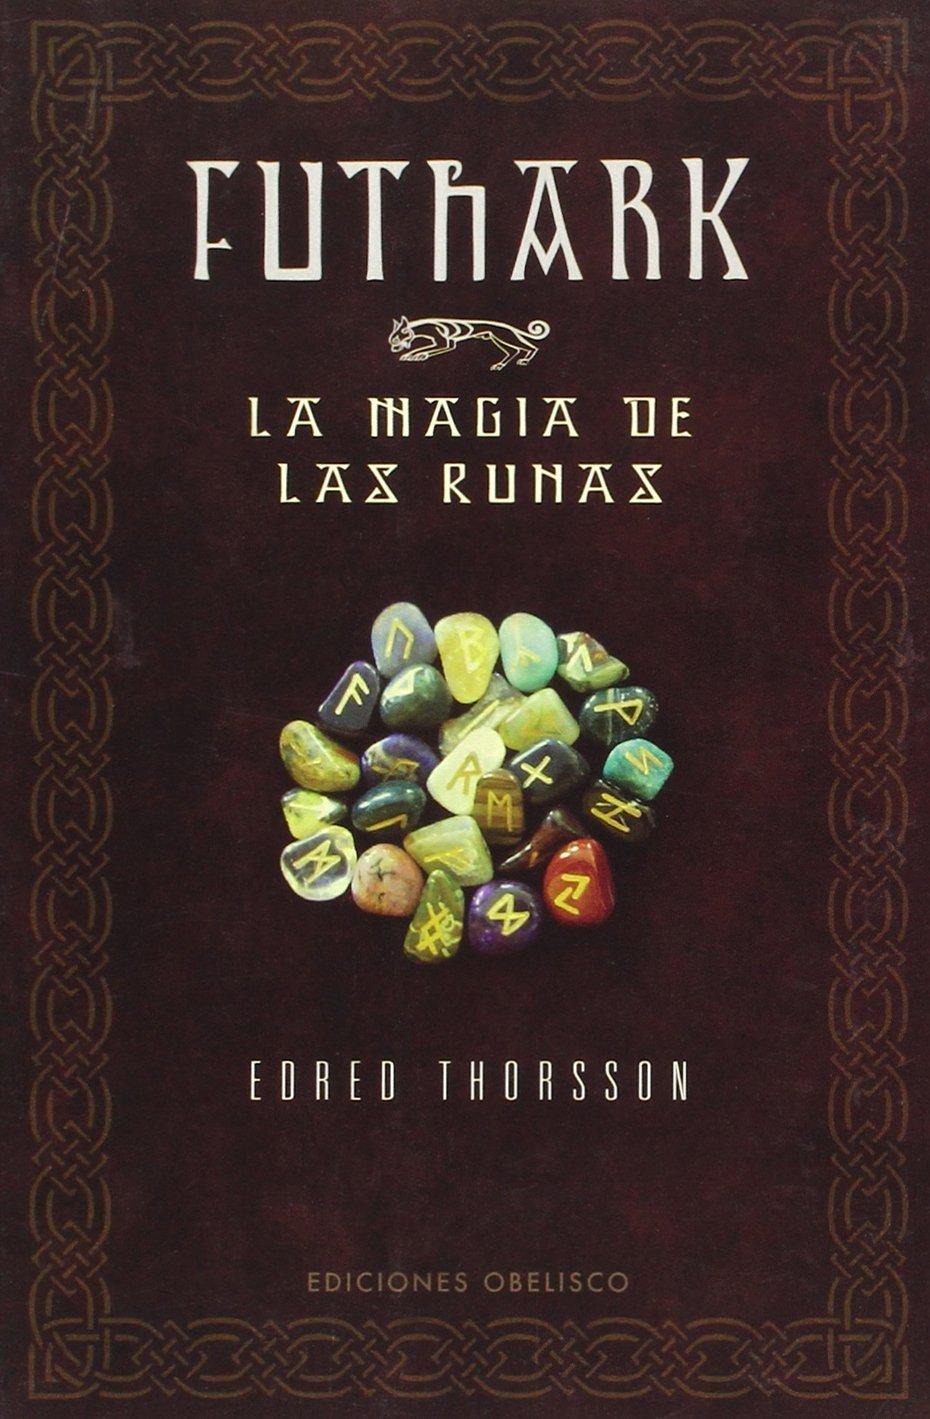 Futhark-La magia de las runas MAGIA Y OCULTISMO de Edred Thorsson 30 may 2006 Tapa blanda: Amazon.es: Libros